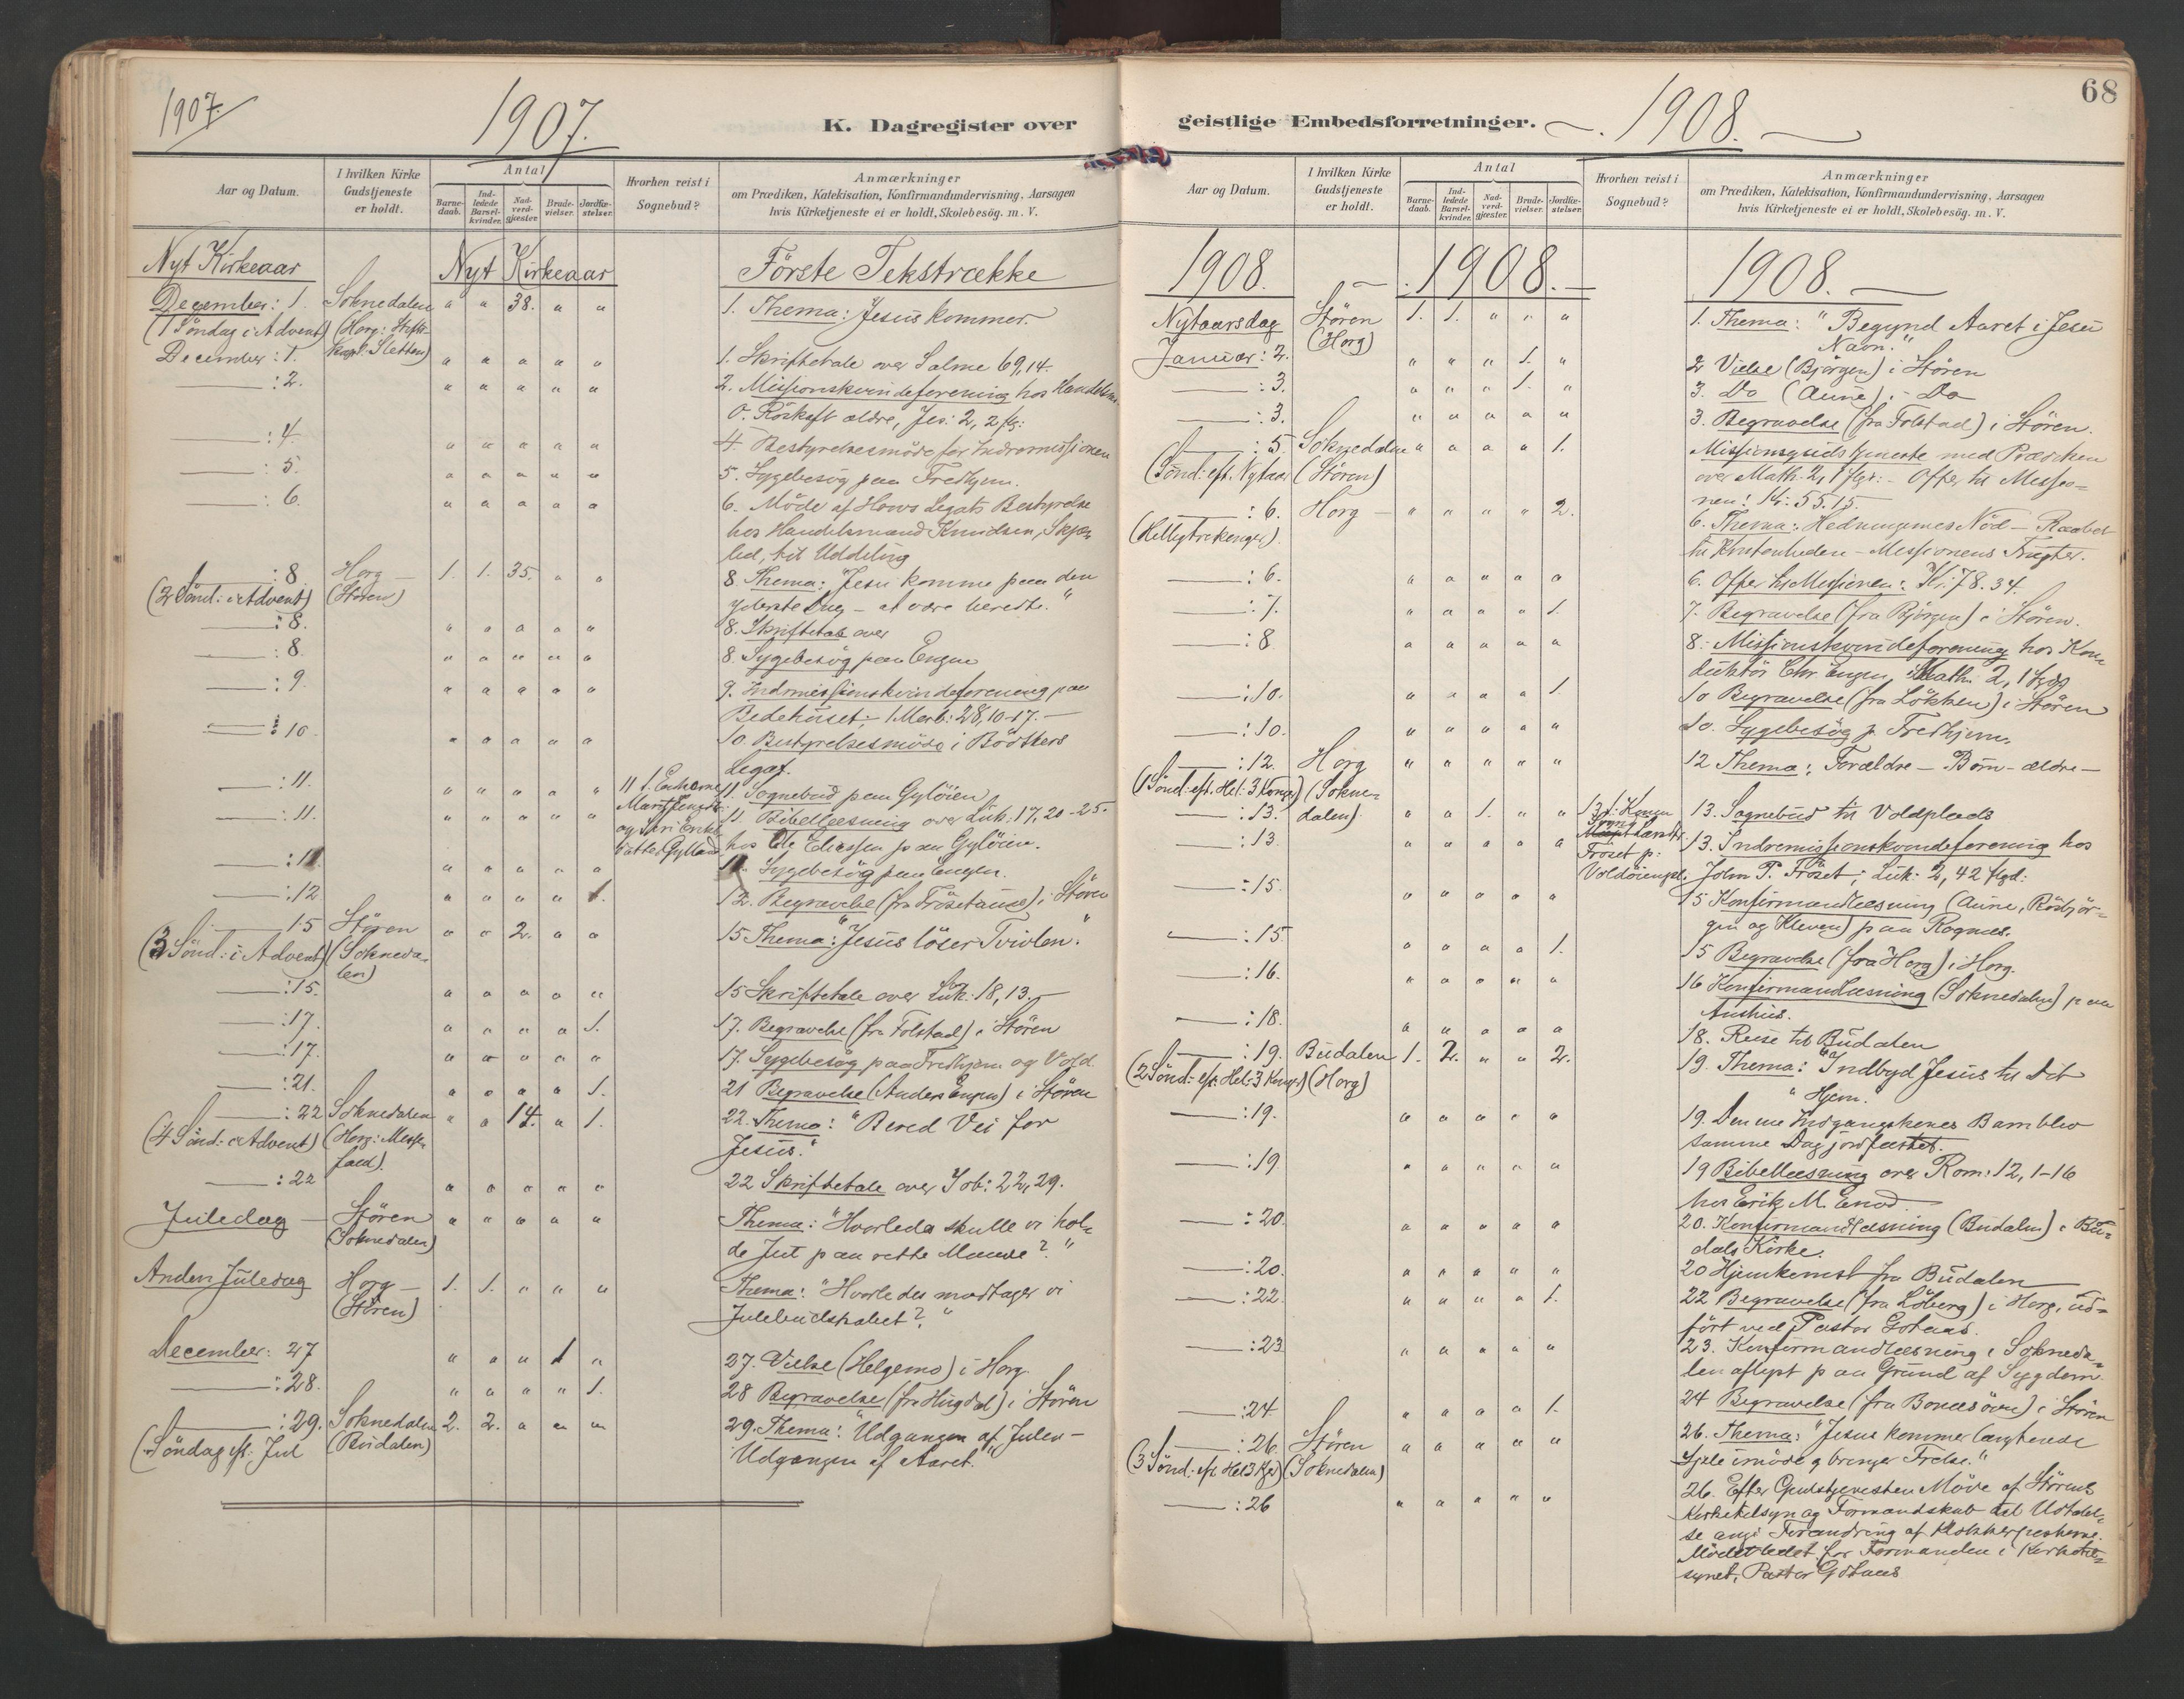 SAT, Ministerialprotokoller, klokkerbøker og fødselsregistre - Sør-Trøndelag, 687/L1005: Dagregister nr. 687A11, 1891-1912, s. 68